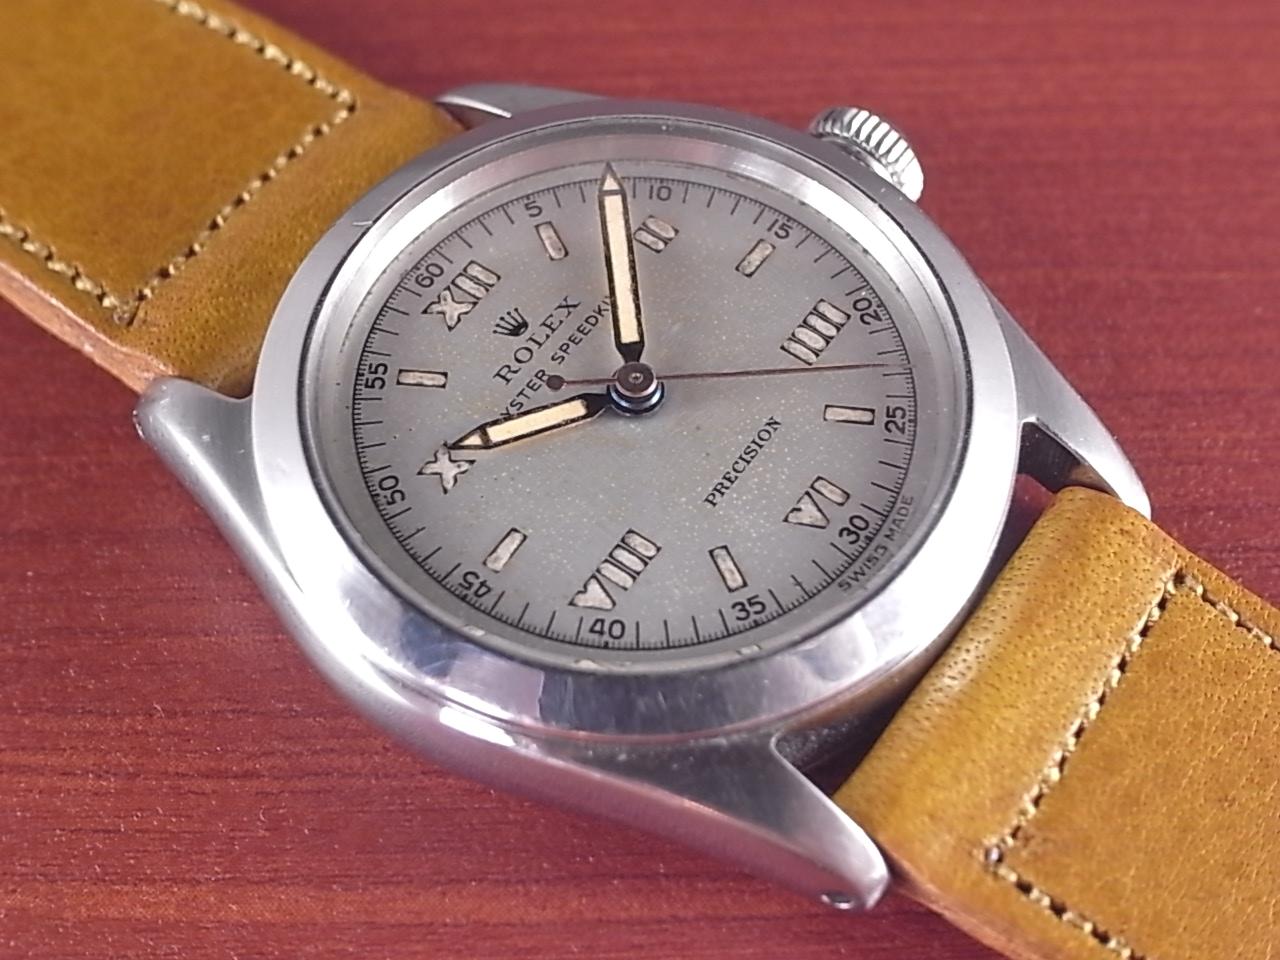 ロレックス スピードキング ローマンインデックス Ref.4220 1940年代のメイン写真